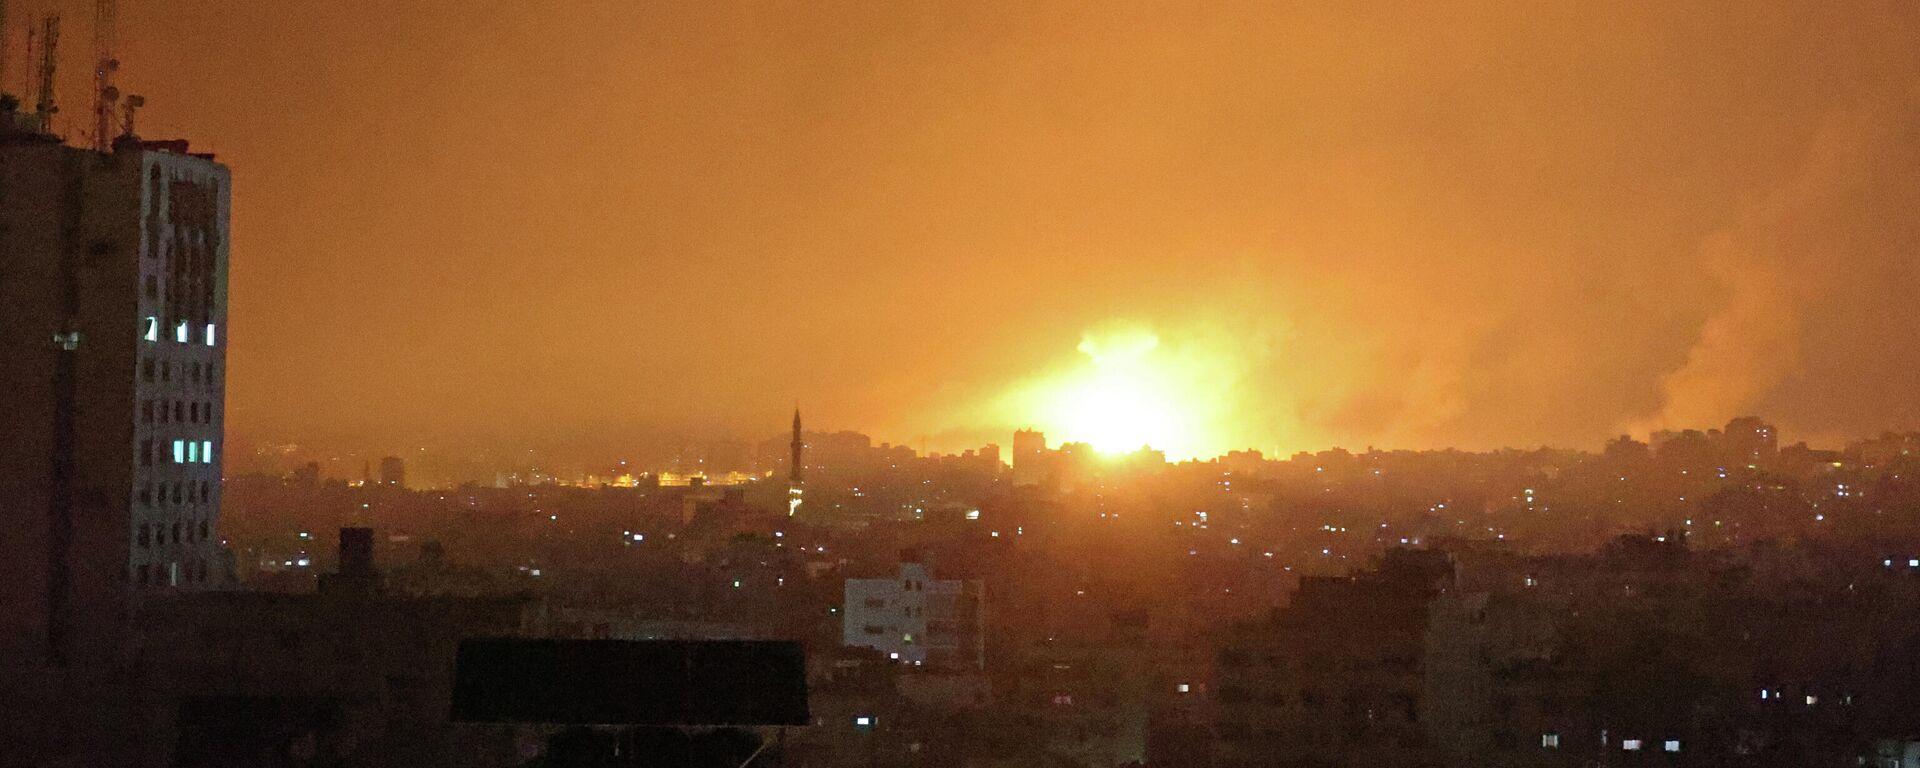 Israels Luftangriffe auf Gazastreifen  - SNA, 1920, 14.05.2021